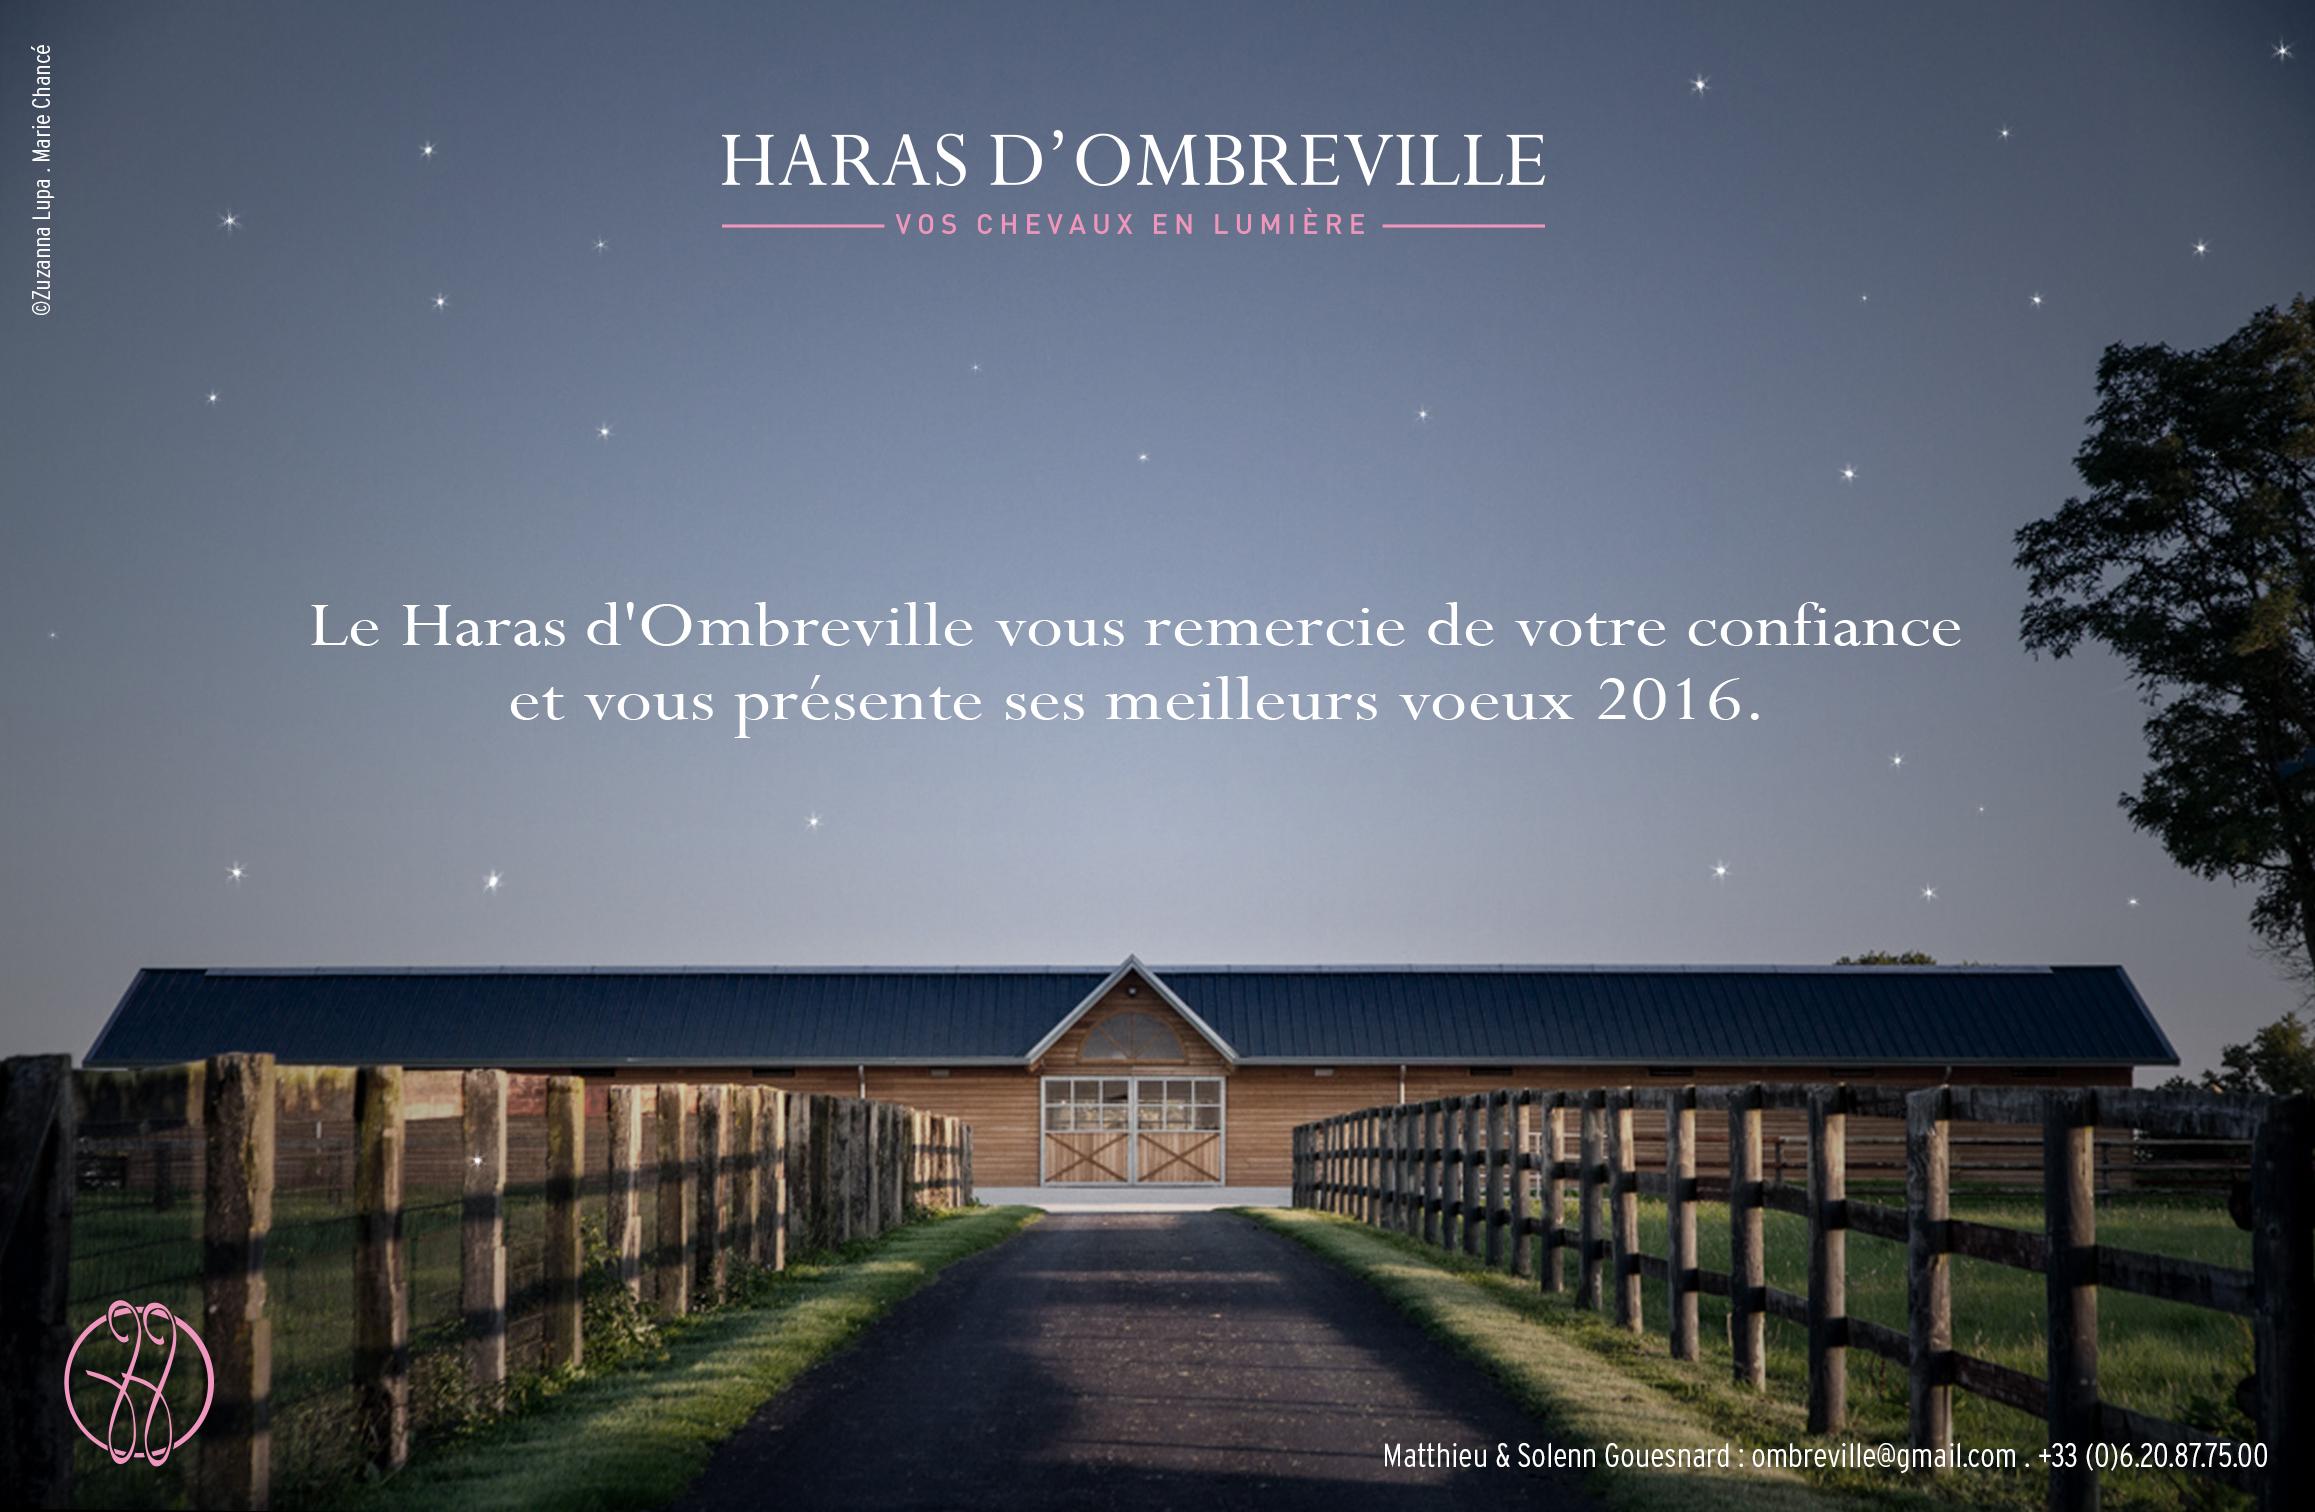 Ombreville_voeux-2016_FR-print2.jpg